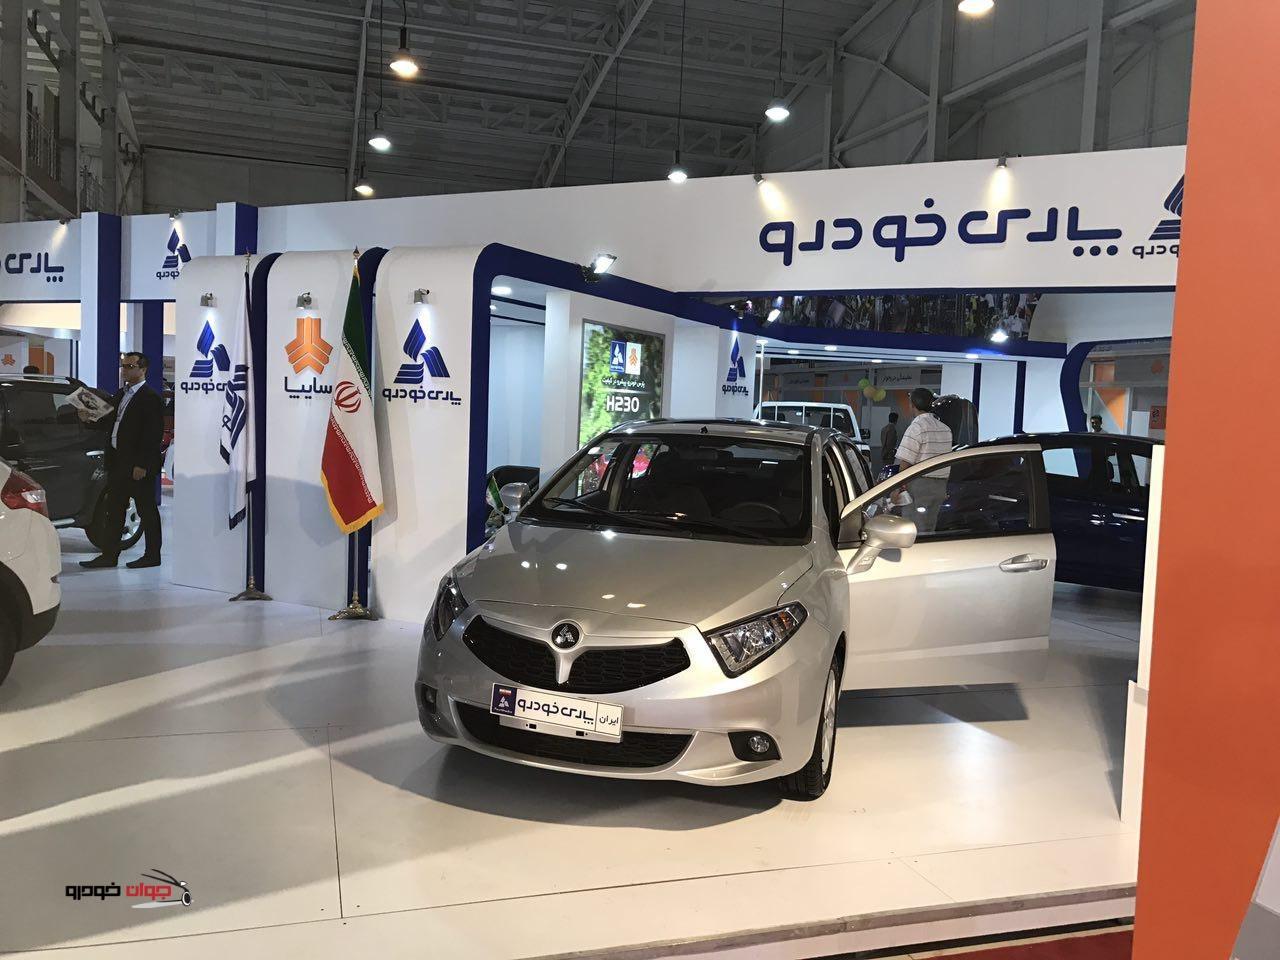 استقبال از محصول جدید پارس خودرو در نمایشگاه ارومیه و البرز